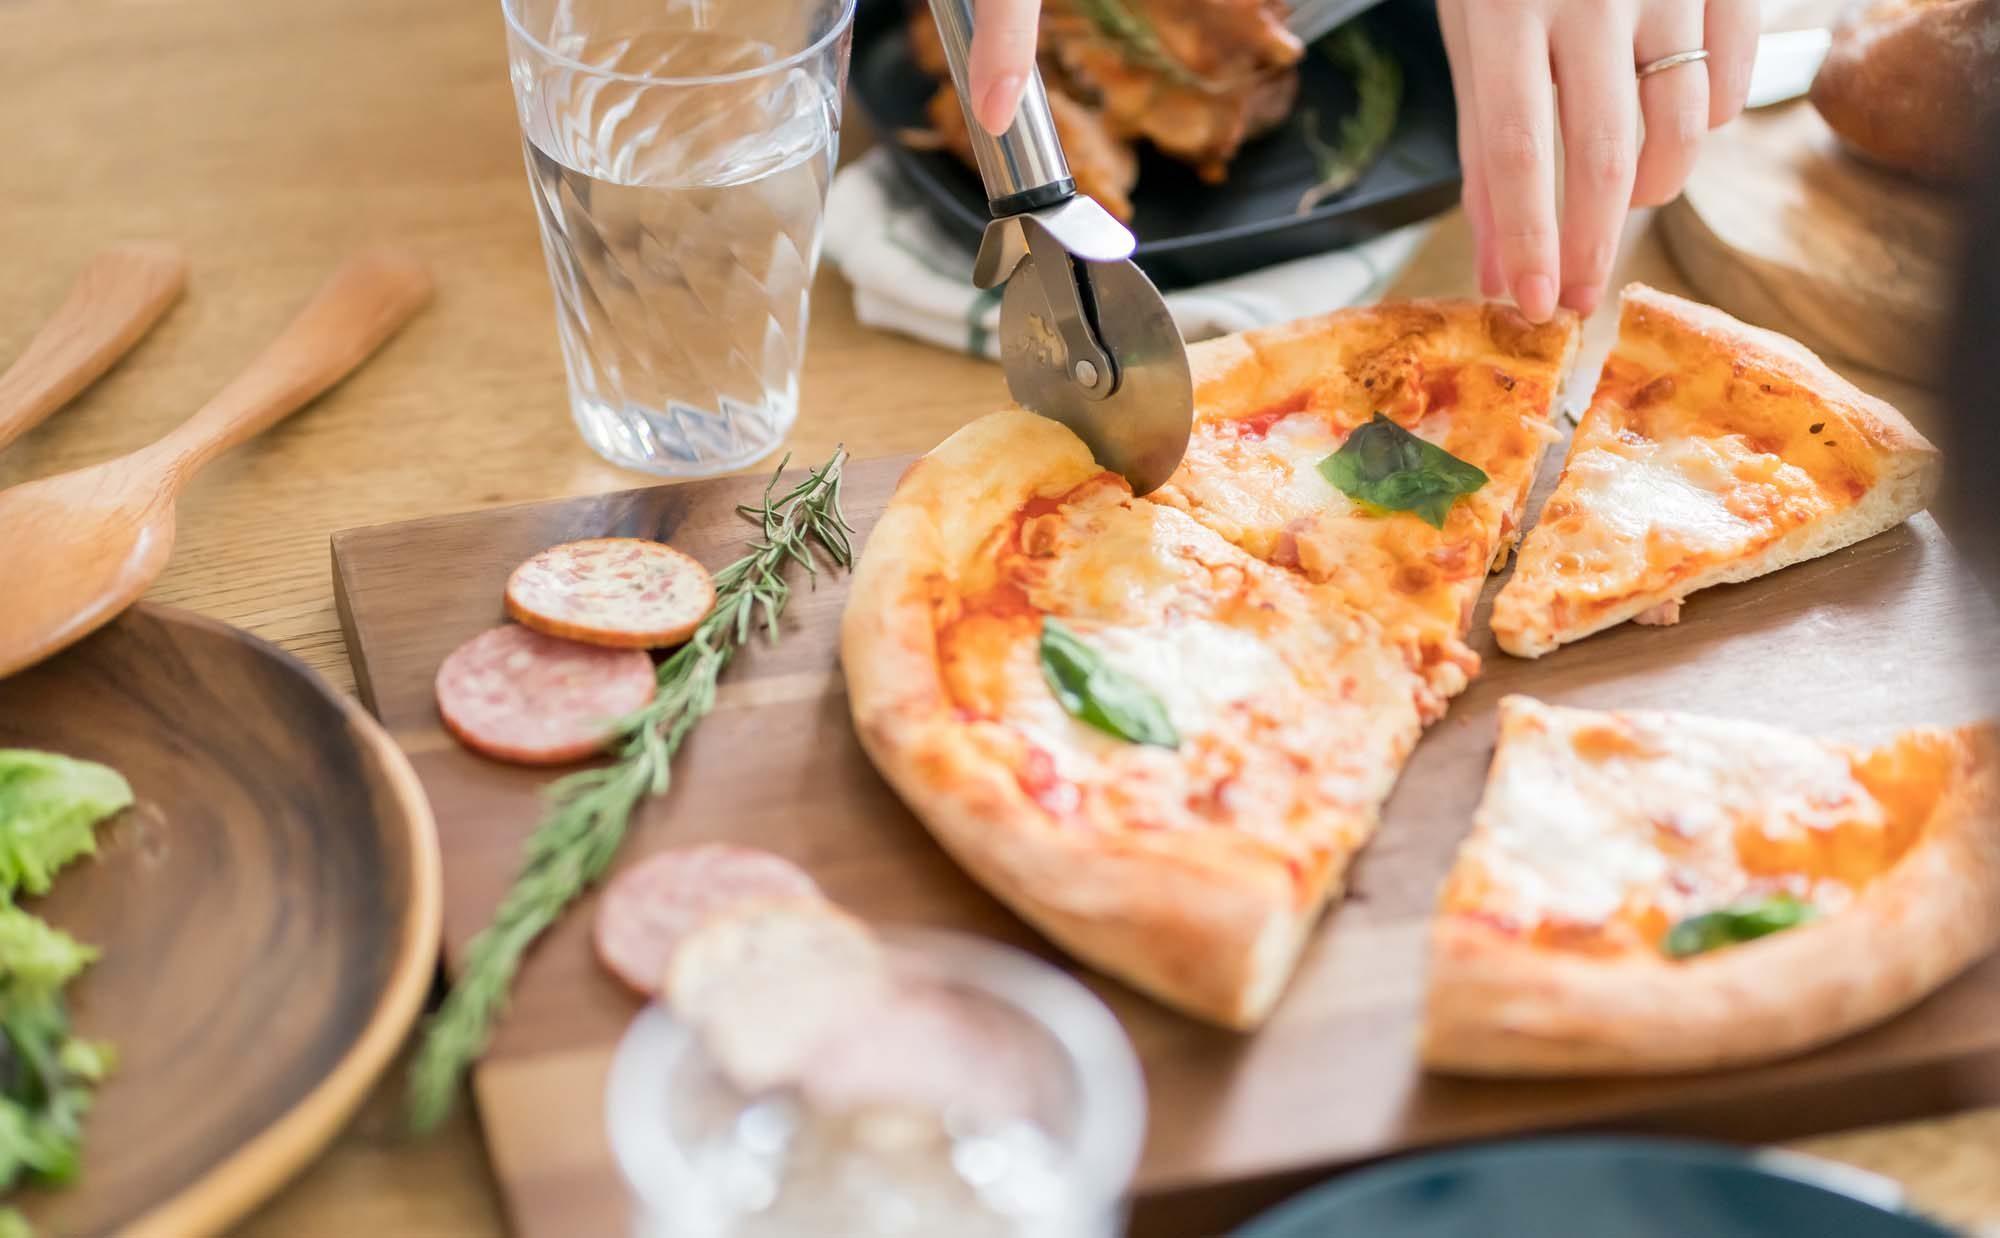 【ホームズ】できたてモッツァレラチーズを味わおう! 自家製チーズを楽しむ暮らし|暮らし方から物件探し